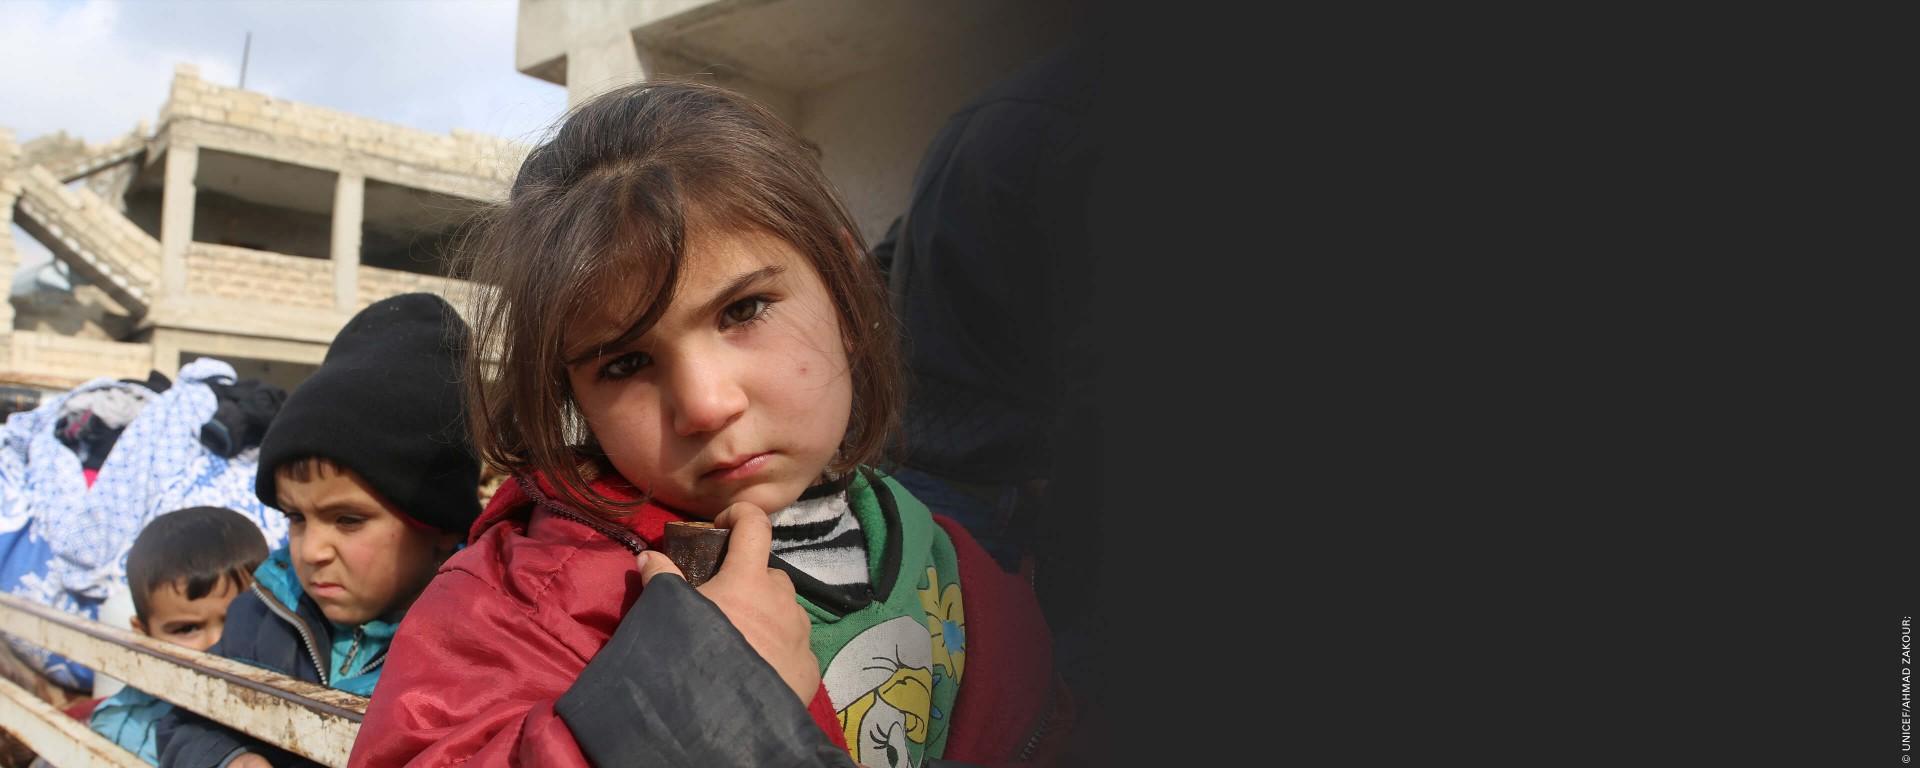 Życie dzieci w Syrii zależy od Darczyńców takich jak Ty. Działaj z nami już teraz!